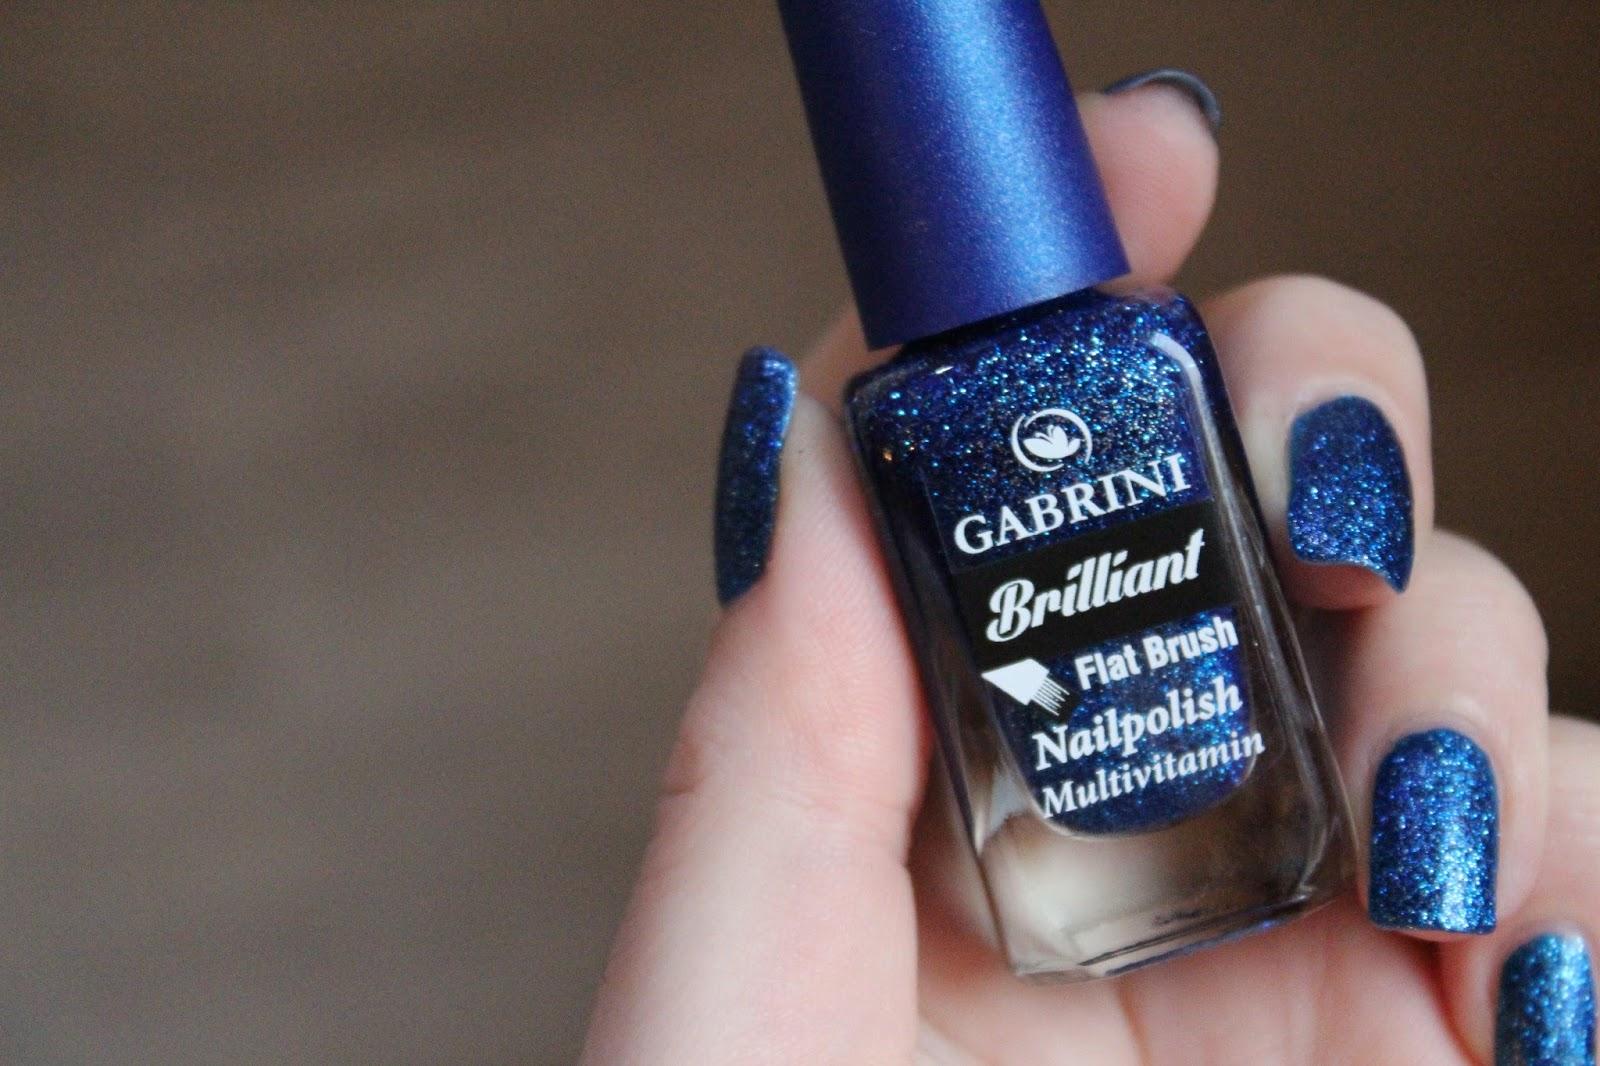 Povoljan, odličan #1: Gabrini Brilliant lak za nokte u nijansi B13